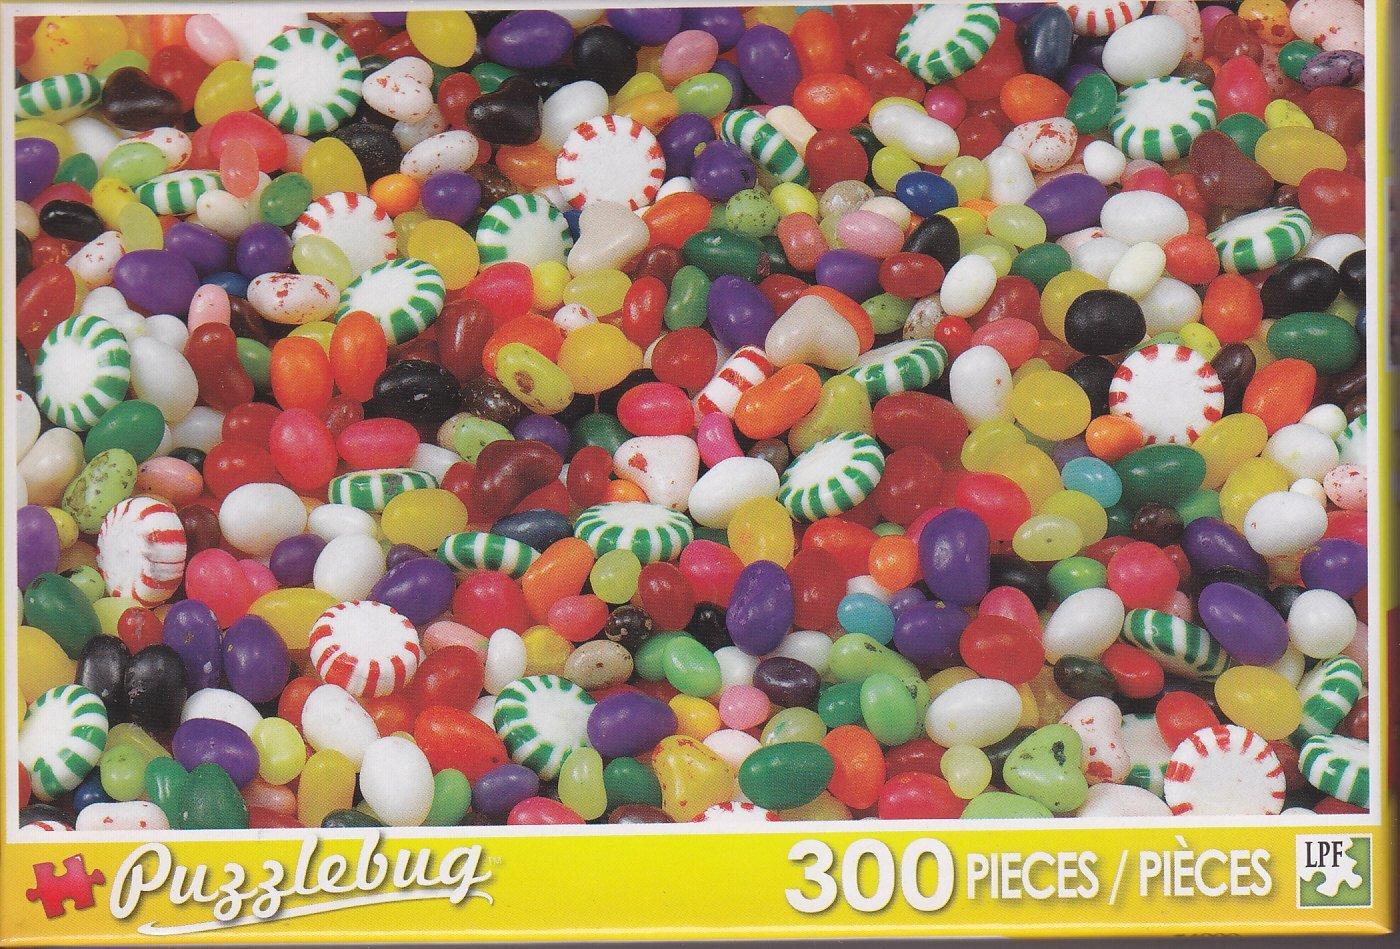 Puzzlebug 300 ~ Candy Remix